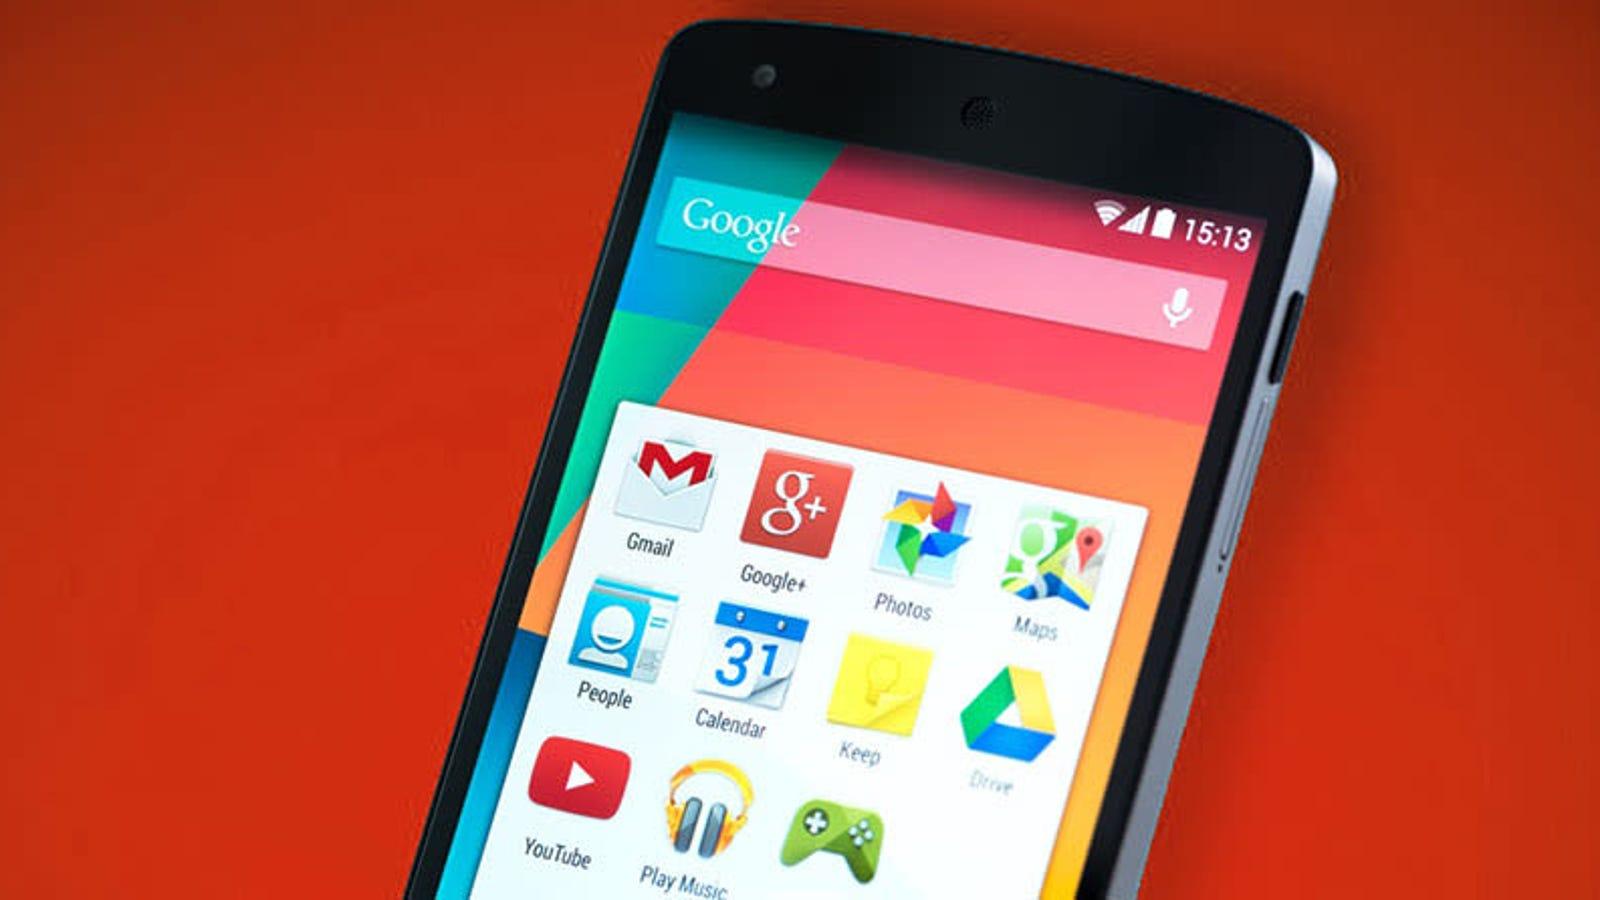 Un nuevo ataque de ransomware en Android secuestra todos los archivos del móvil hasta que pagues un rescate